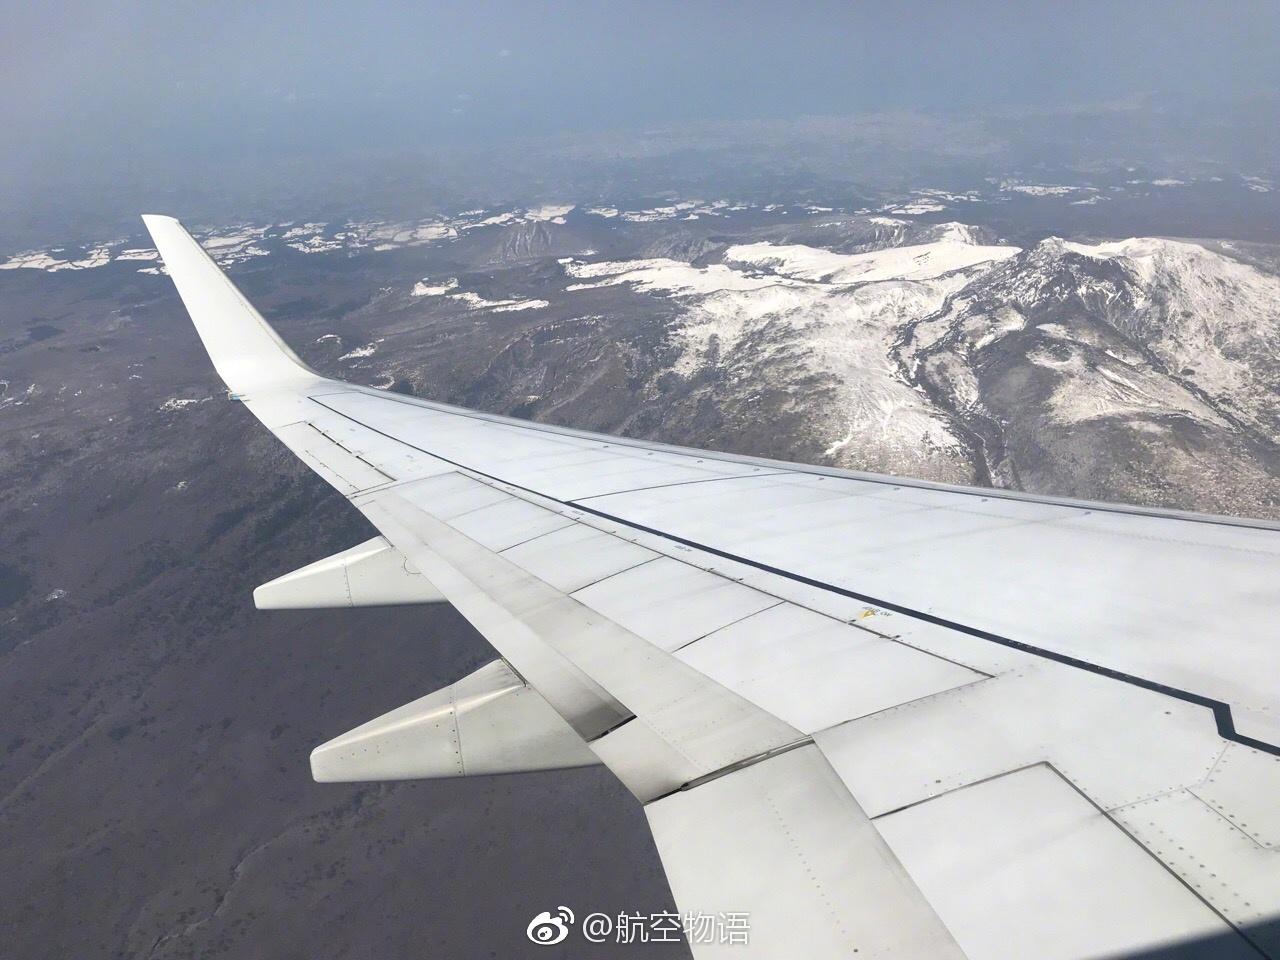 到济州岛晚饭去了,最后一张凑数 今天体验@大韩航空 北京济州短途航班